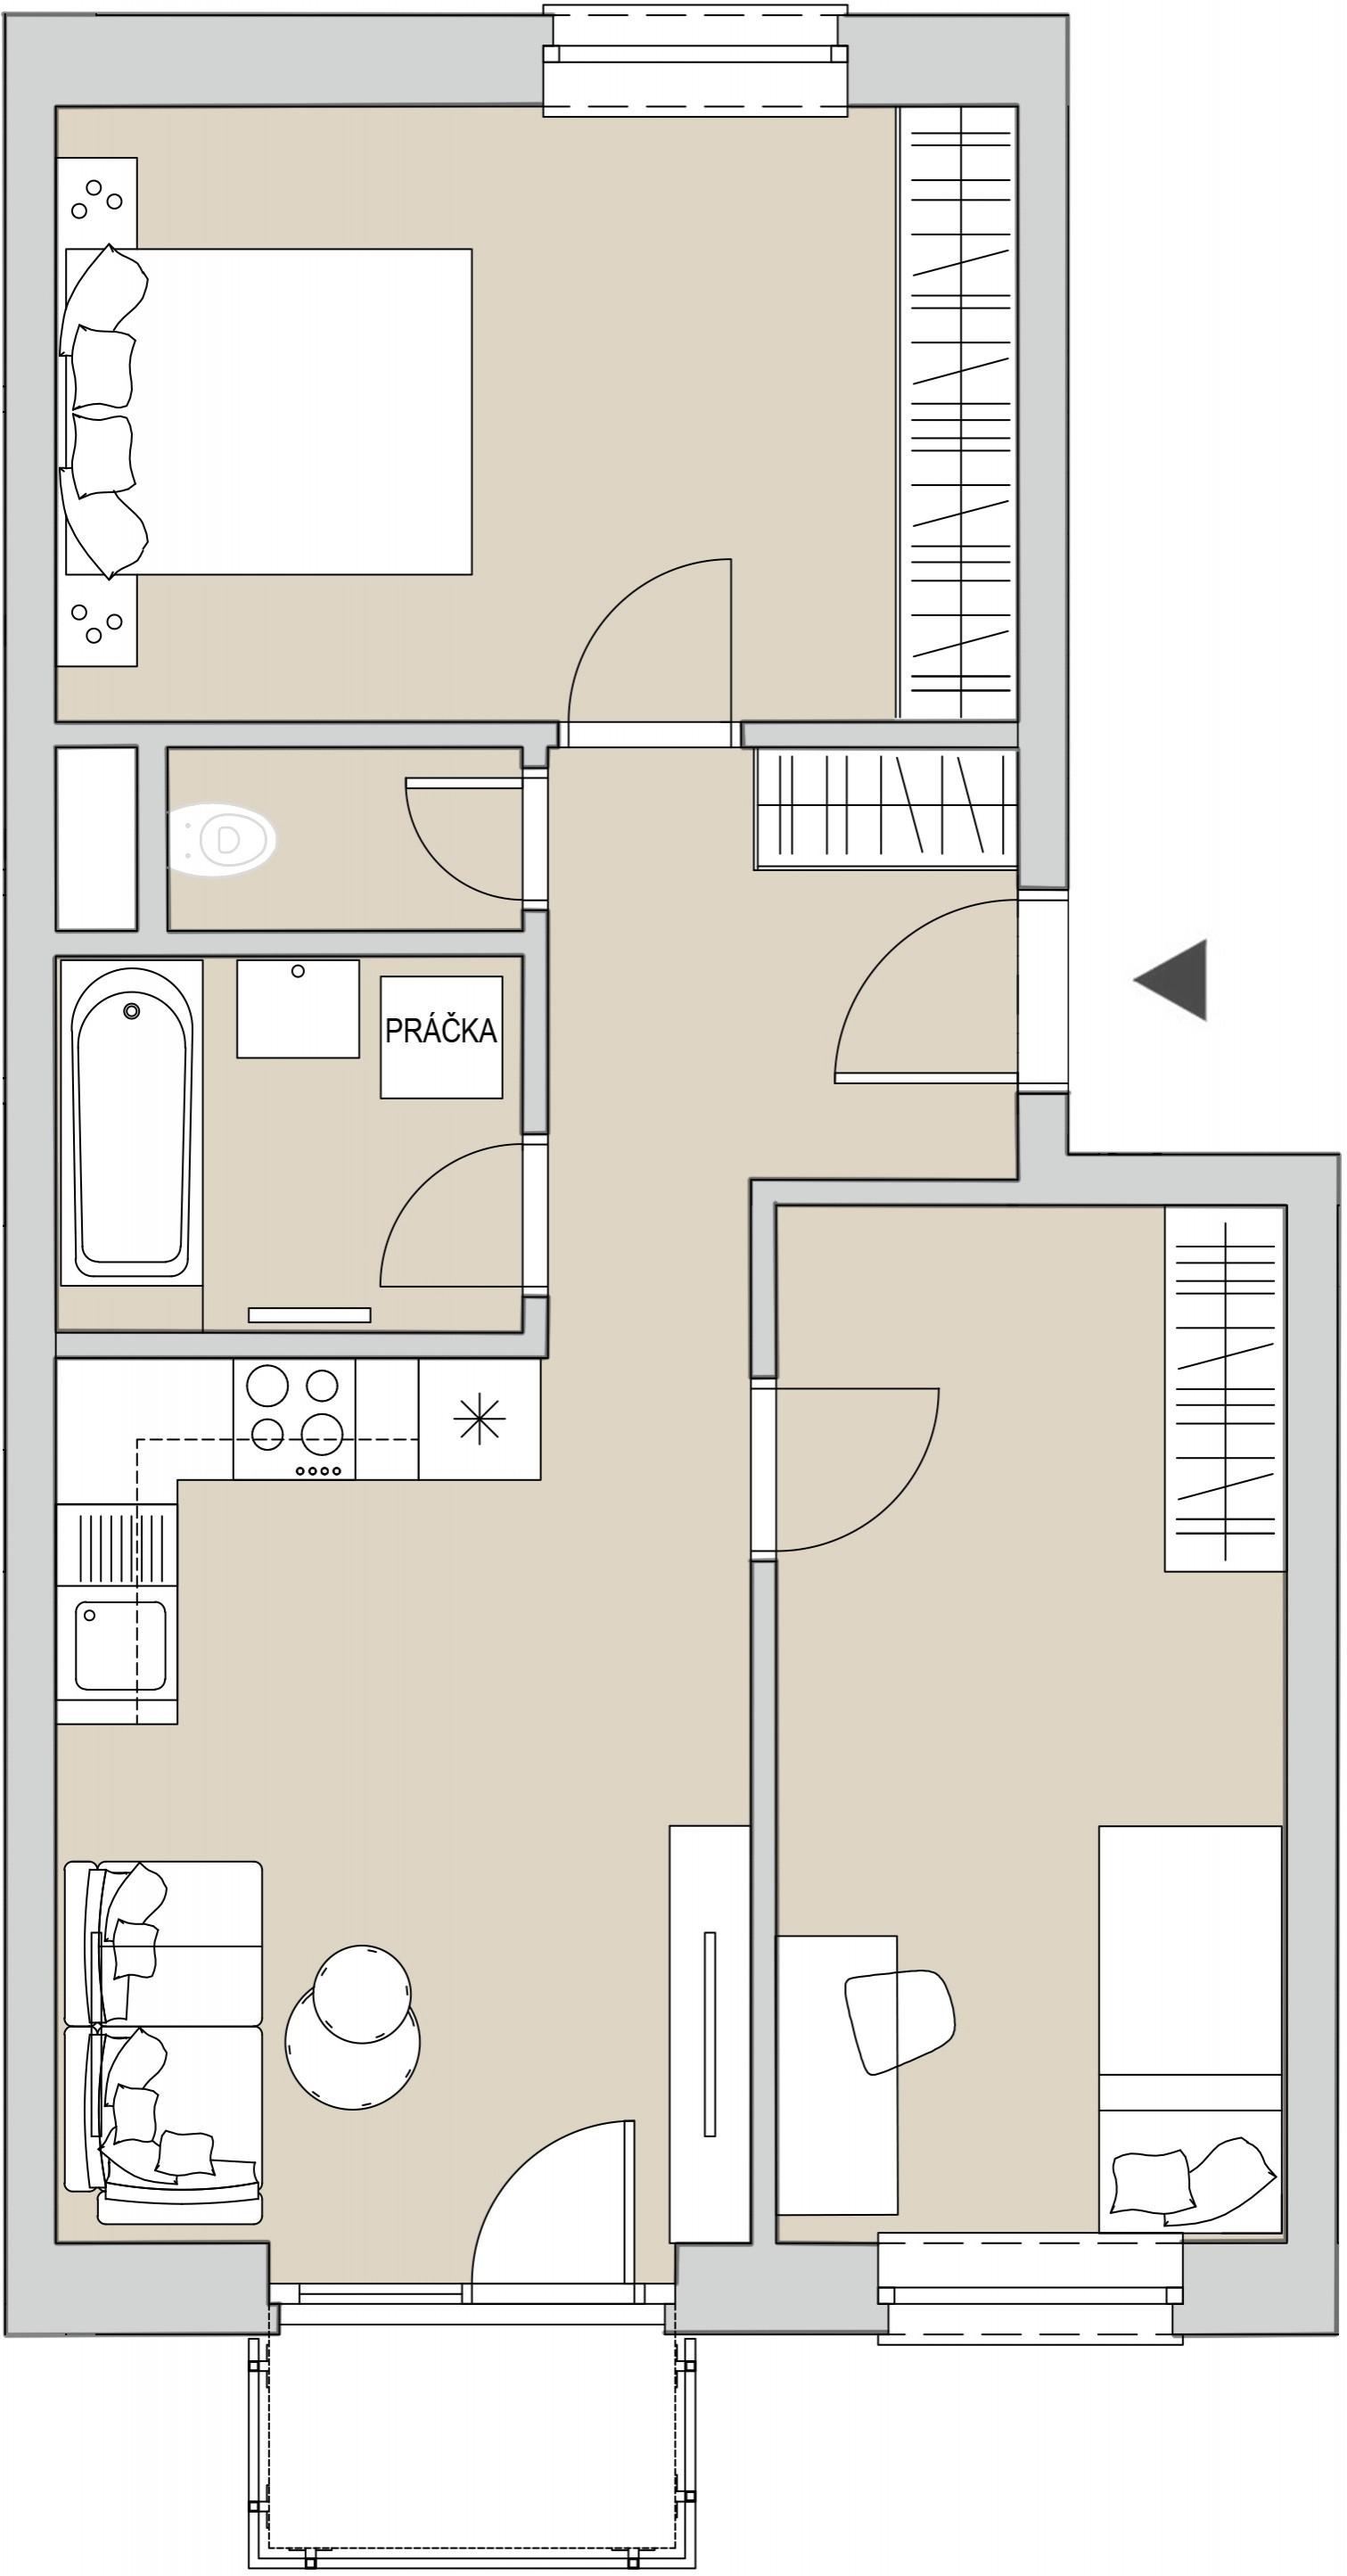 Pôdory bytu - 303 - varianta 3 - izbový